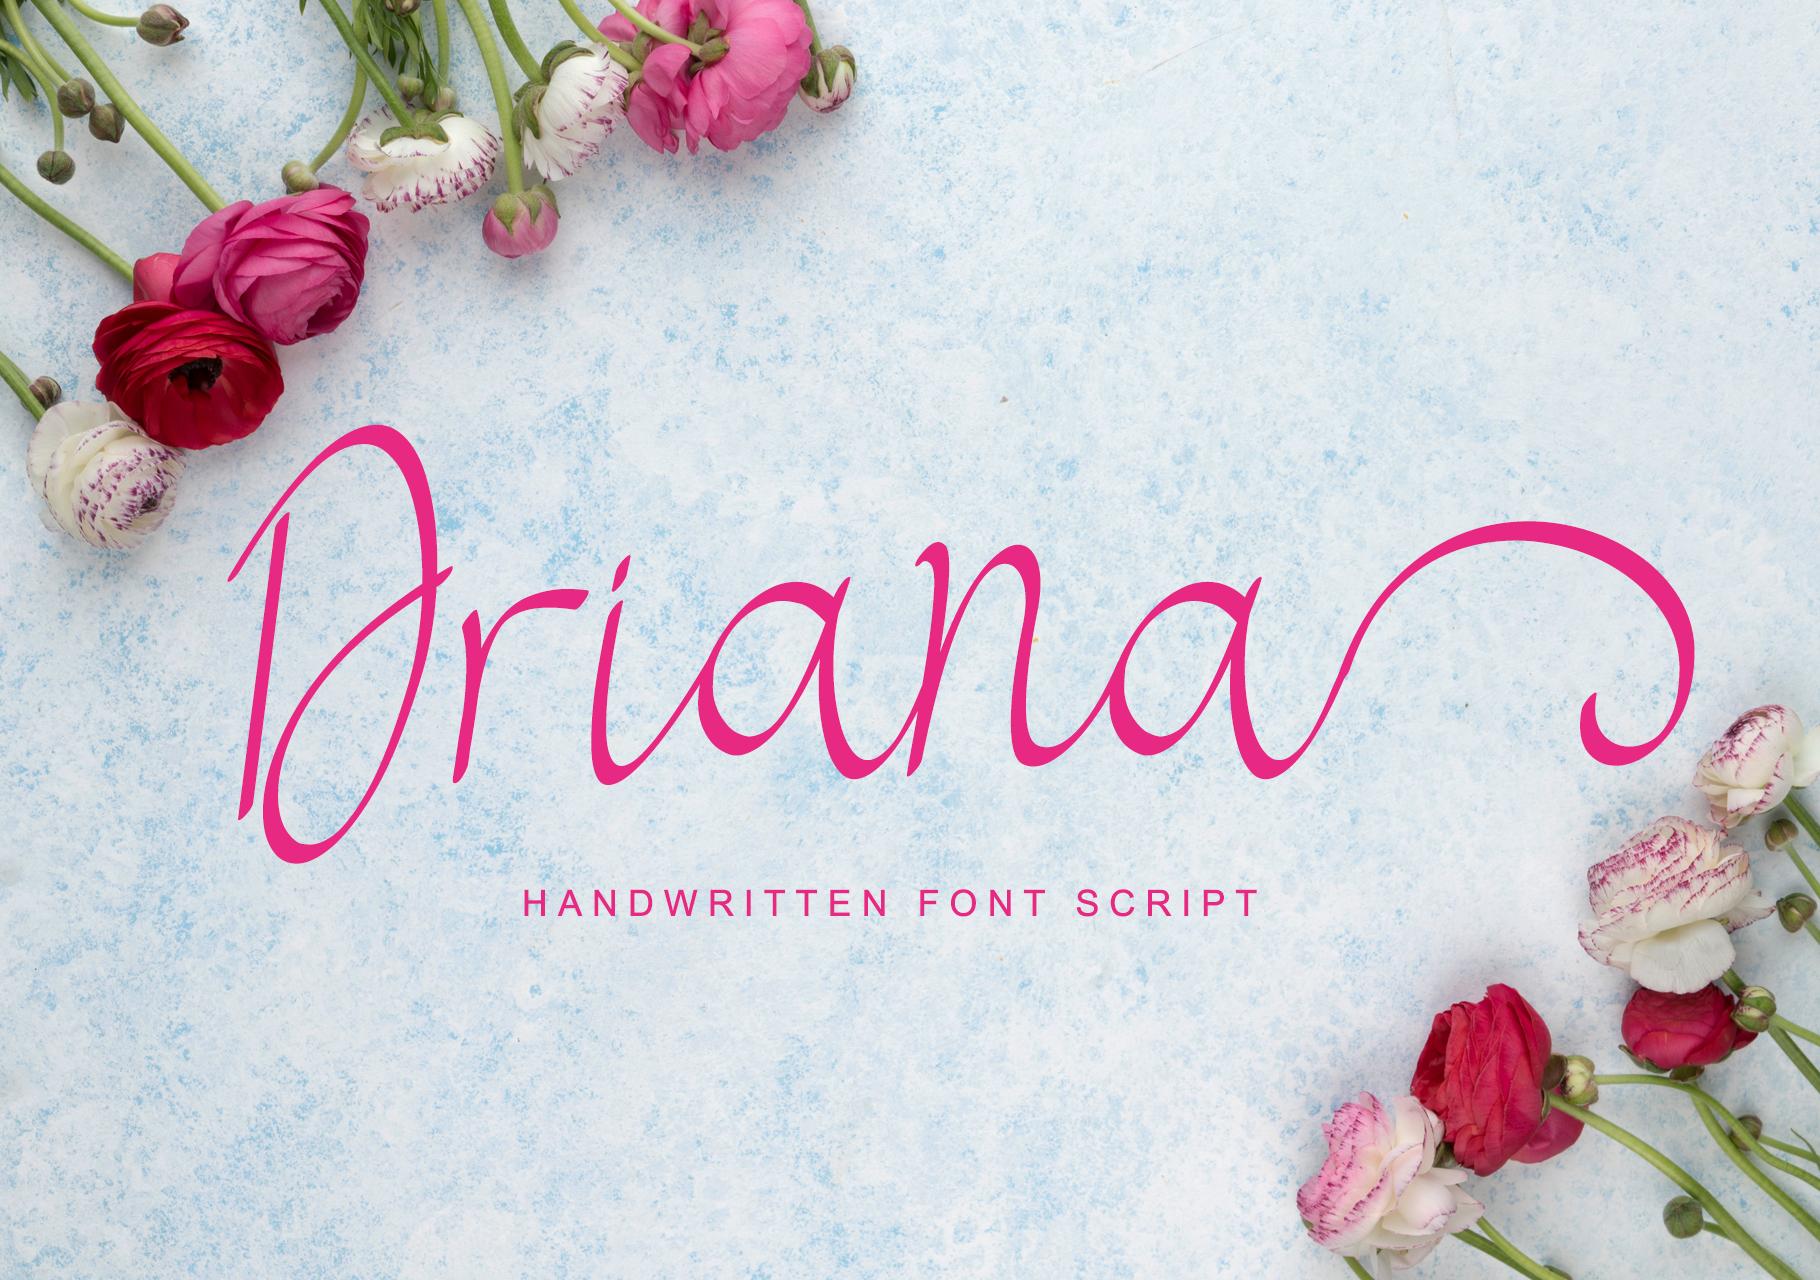 Driana